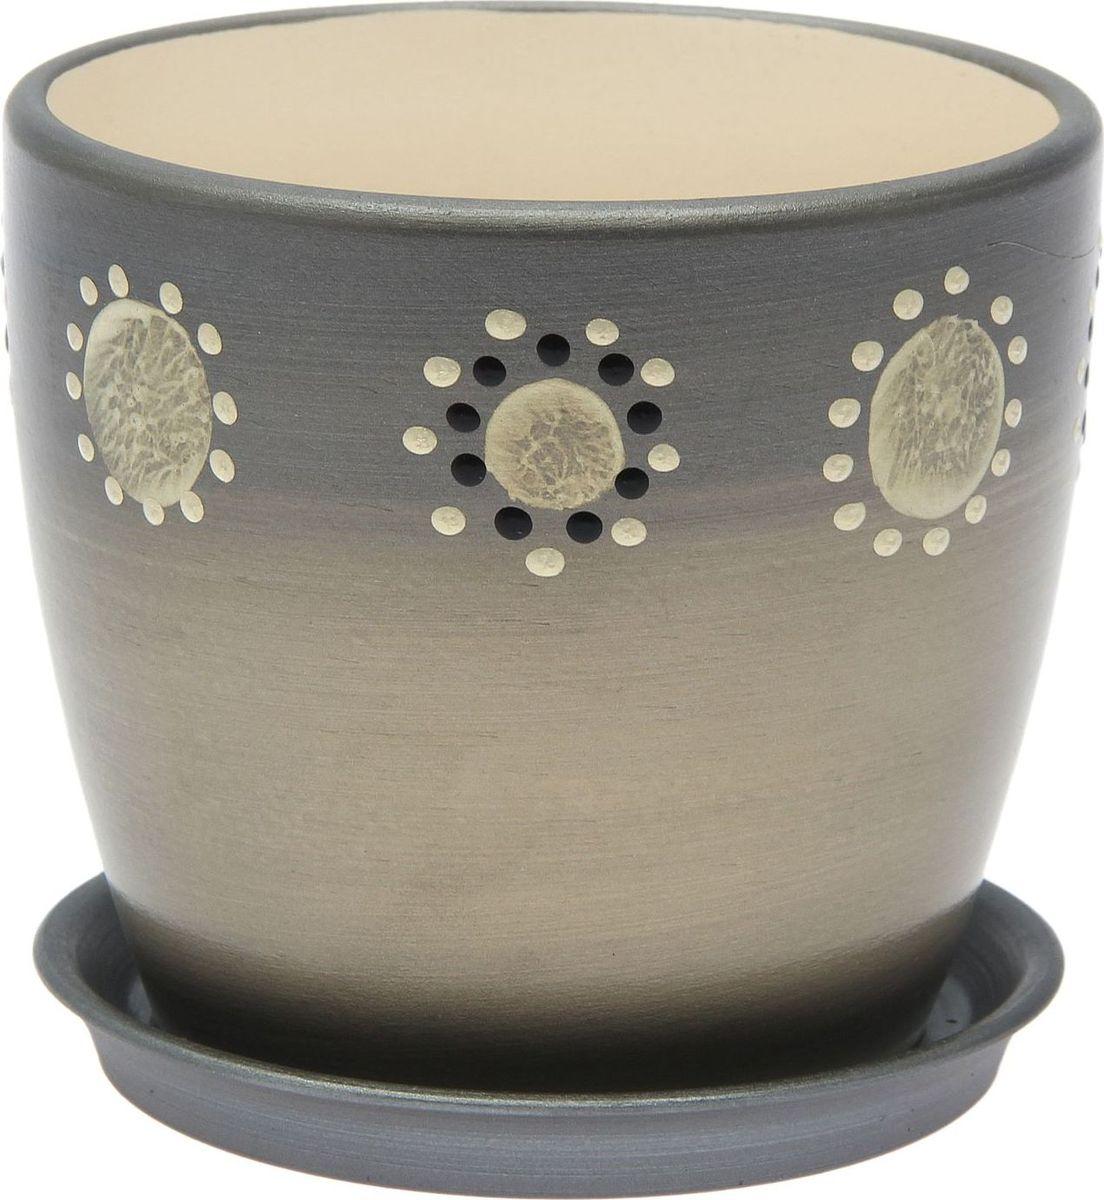 Кашпо Керамика ручной работы Осень. Дорисовка, цвет: серебристый, 1 л1968908Комнатные растения — всеобщие любимцы. Они радуют глаз, насыщают помещение кислородом и украшают пространство. Каждому из них необходим свой удобный и красивый дом. Кашпо из керамики прекрасно подходят для высадки растений: за счёт пластичности глины и разных способов обработки существует великое множество форм и дизайновпористый материал позволяет испаряться лишней влагевоздух, необходимый для дыхания корней, проникает сквозь керамические стенки! #name# позаботится о зелёном питомце, освежит интерьер и подчеркнёт его стиль.